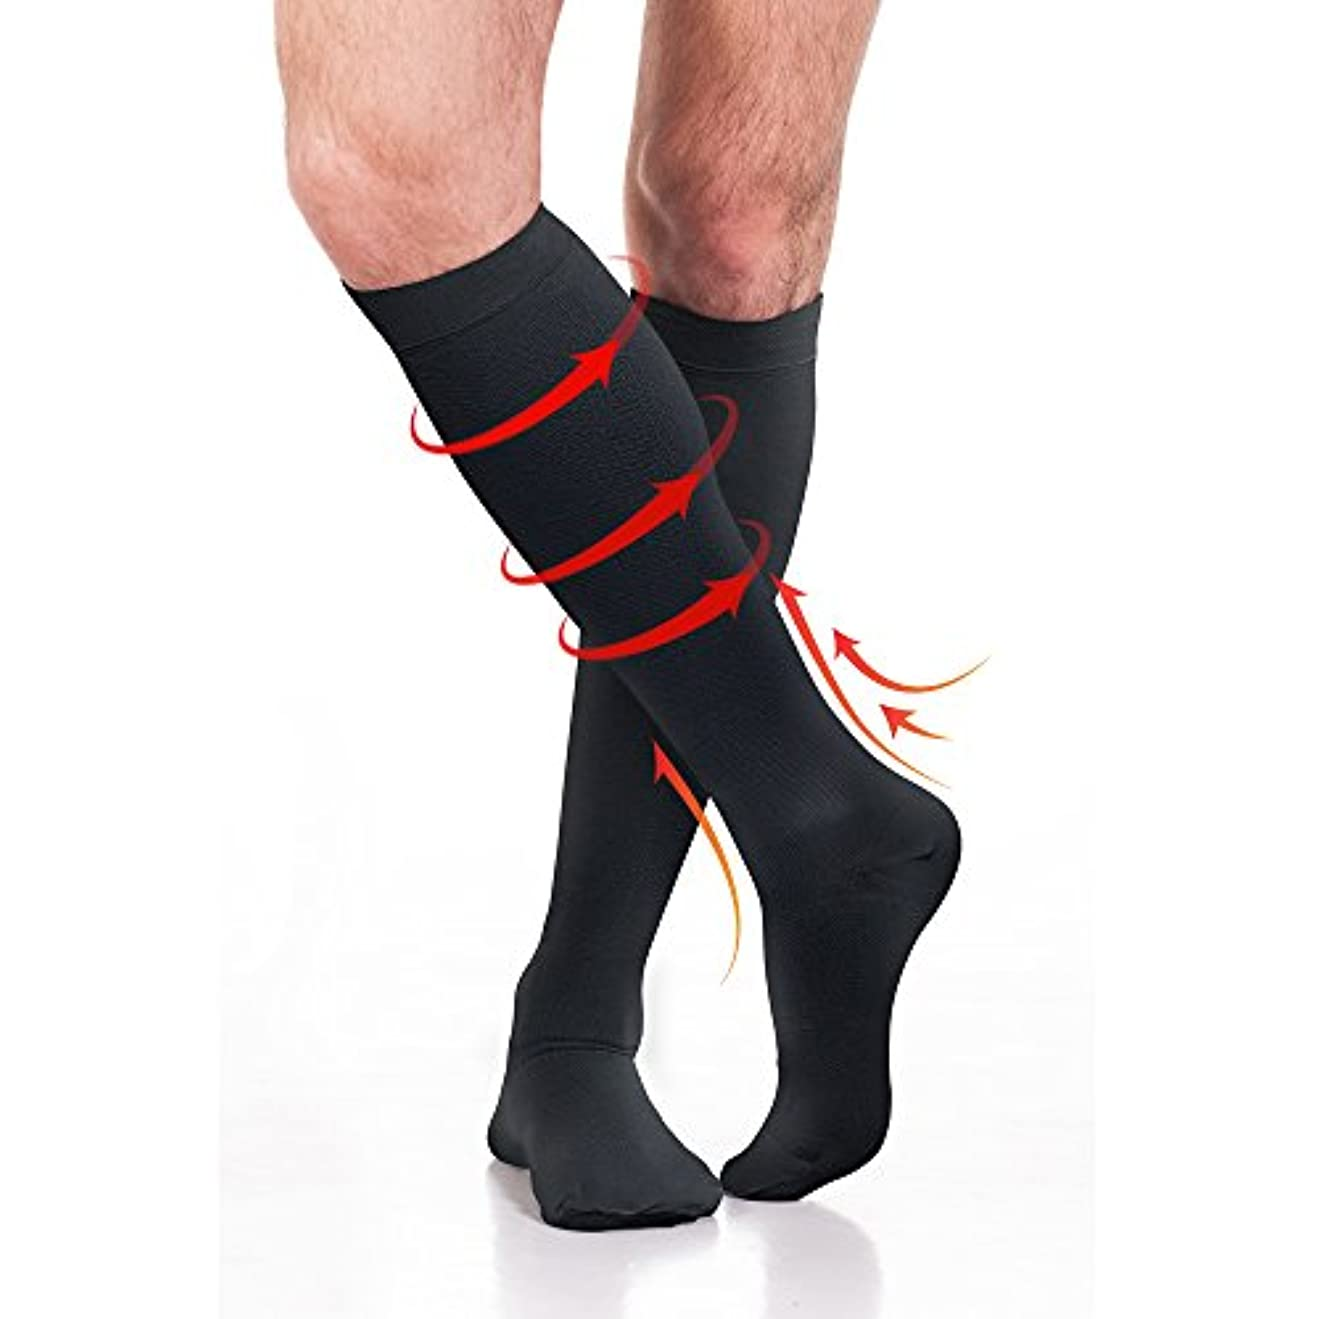 やけど頬通行人Fytto (フィトー)1080スタイル快適圧力着圧ソックス 靴下 ビジネスソックス ブラック 男女兼用 15-20mmHg (20~27hPa) ソックス サポート靴下 M